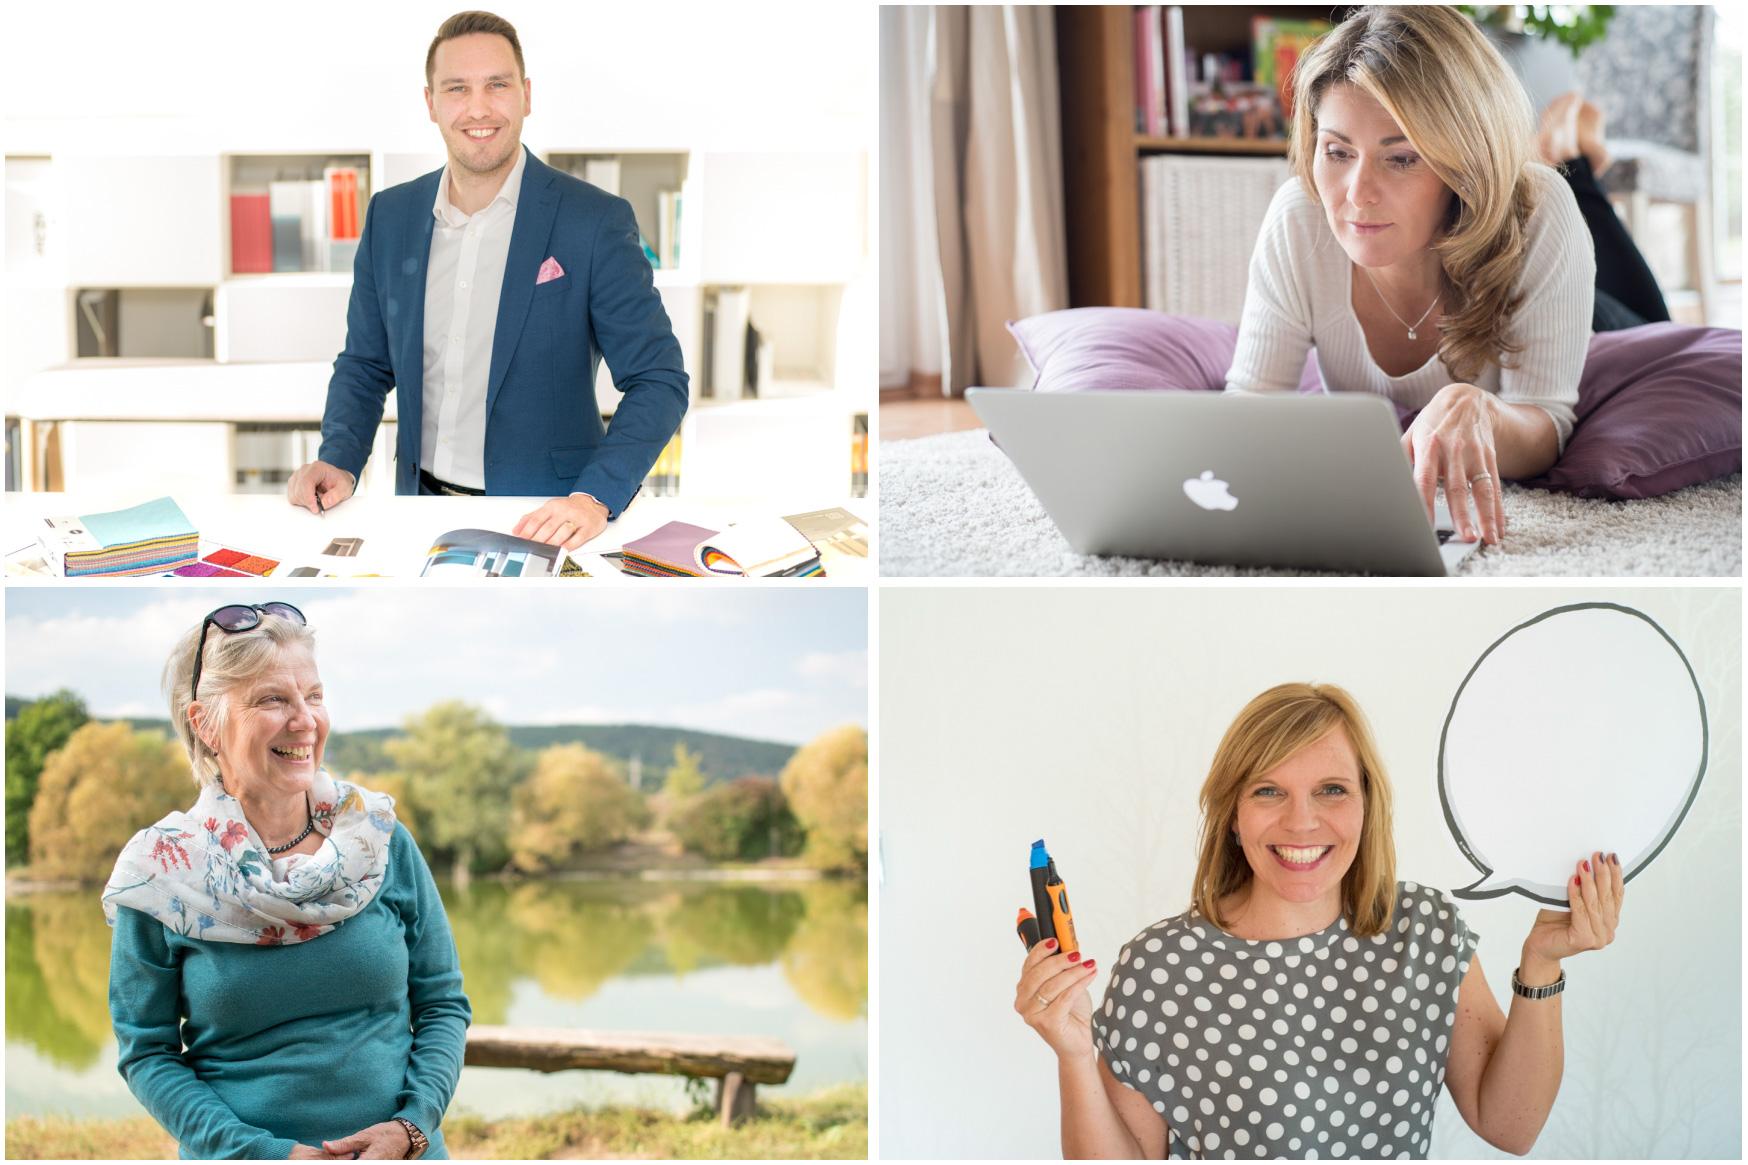 Portréty na web nebo blog